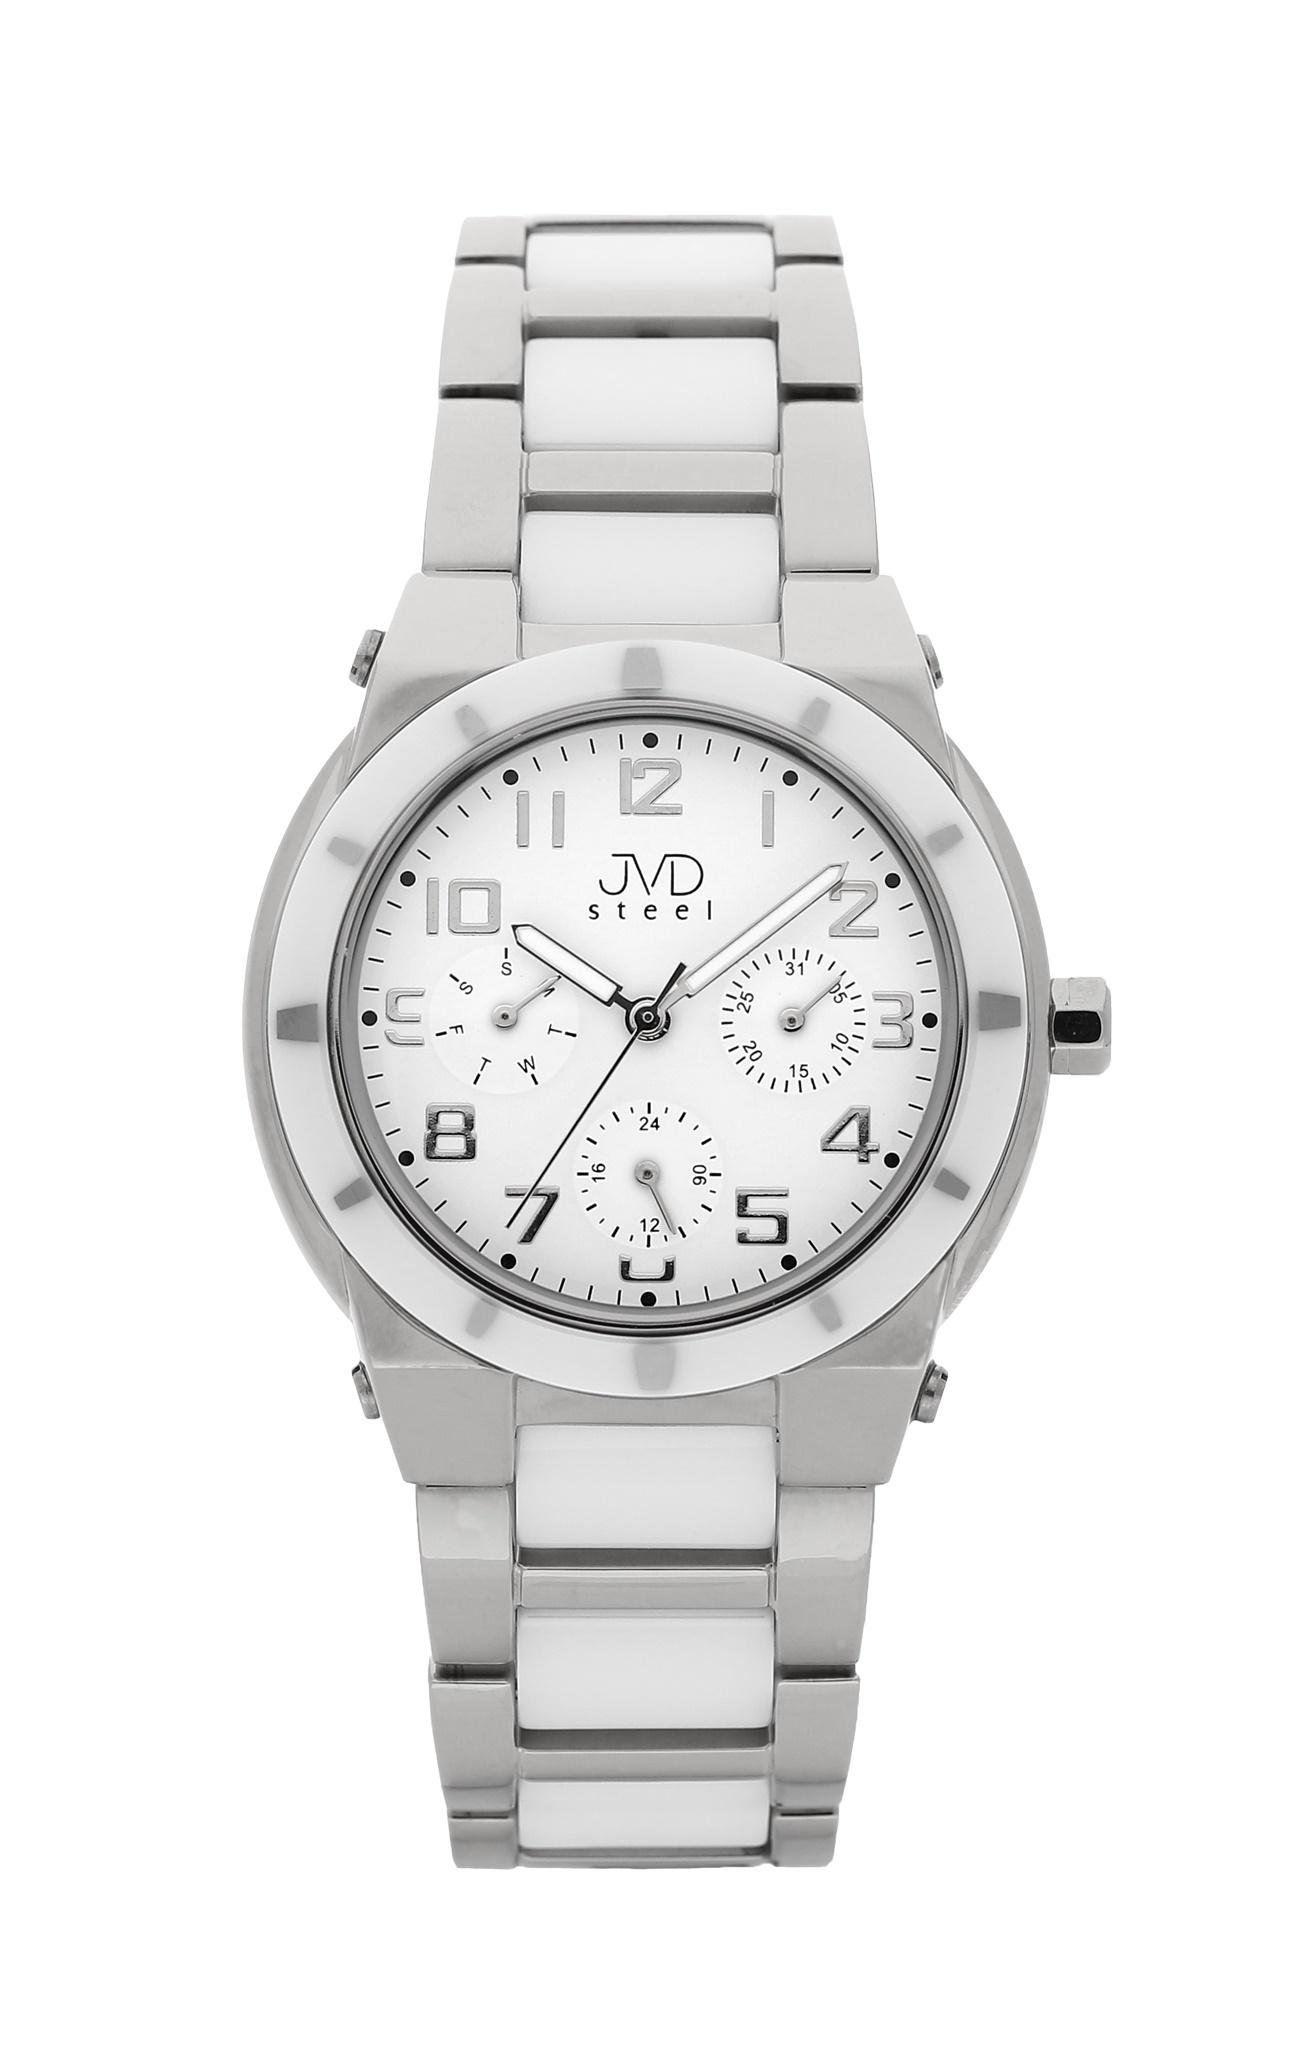 Dámský chronograf - keramické hodinky JVD steel J4131.1 s keramickou lunetou (POŠTOVNÉ ZDARMA!!)